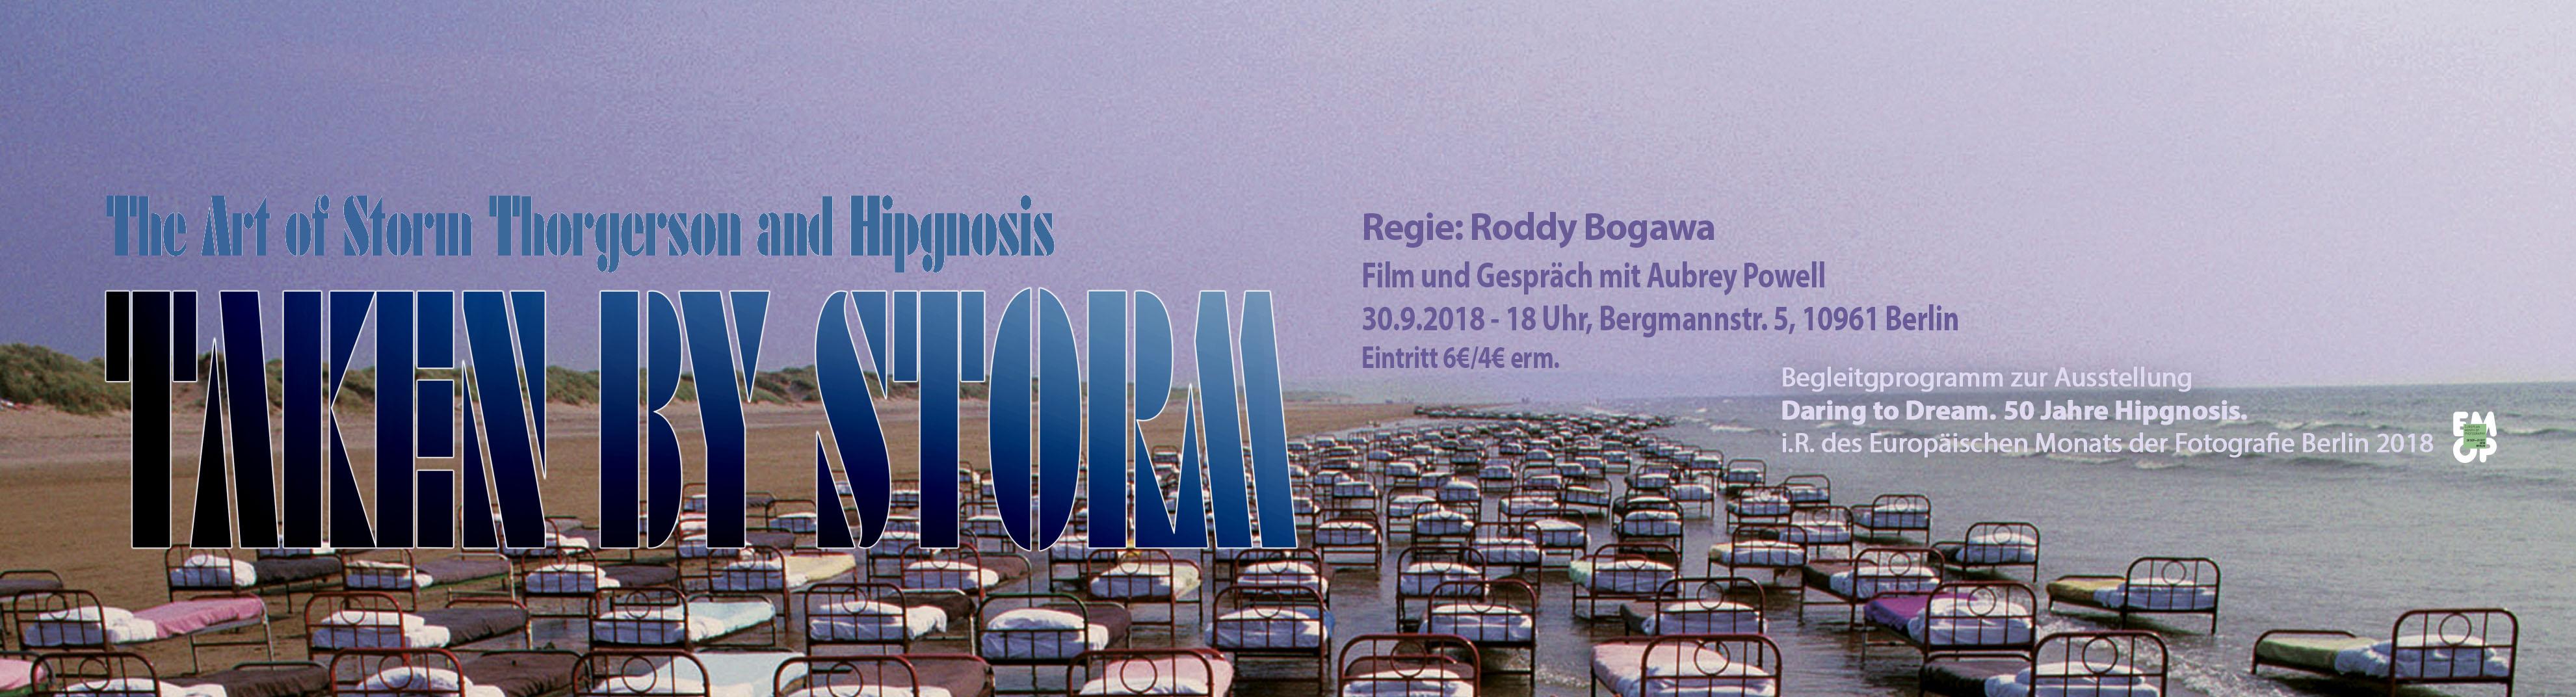 Poster: Taken by Storm. Dokumentarfilm über Storm Thorgerson von Roddy Bogawa. Bild: Pink Floyd, A Momentary Laps of Reason,. Design: Storm Thorgerson © Pink Floyd Ltd